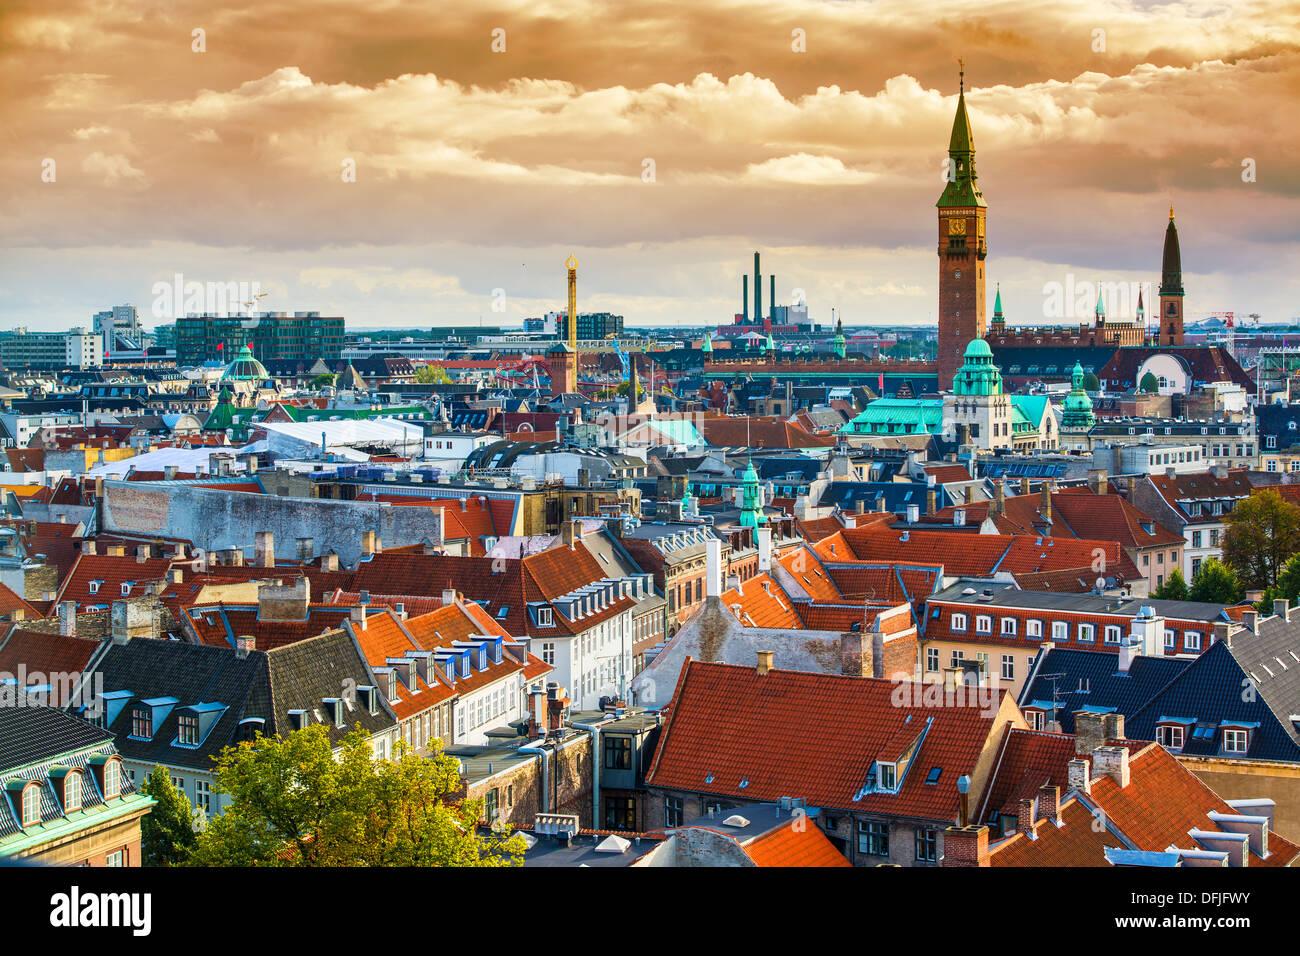 Copenhagen, Denmark aerial view of the skyline. - Stock Image